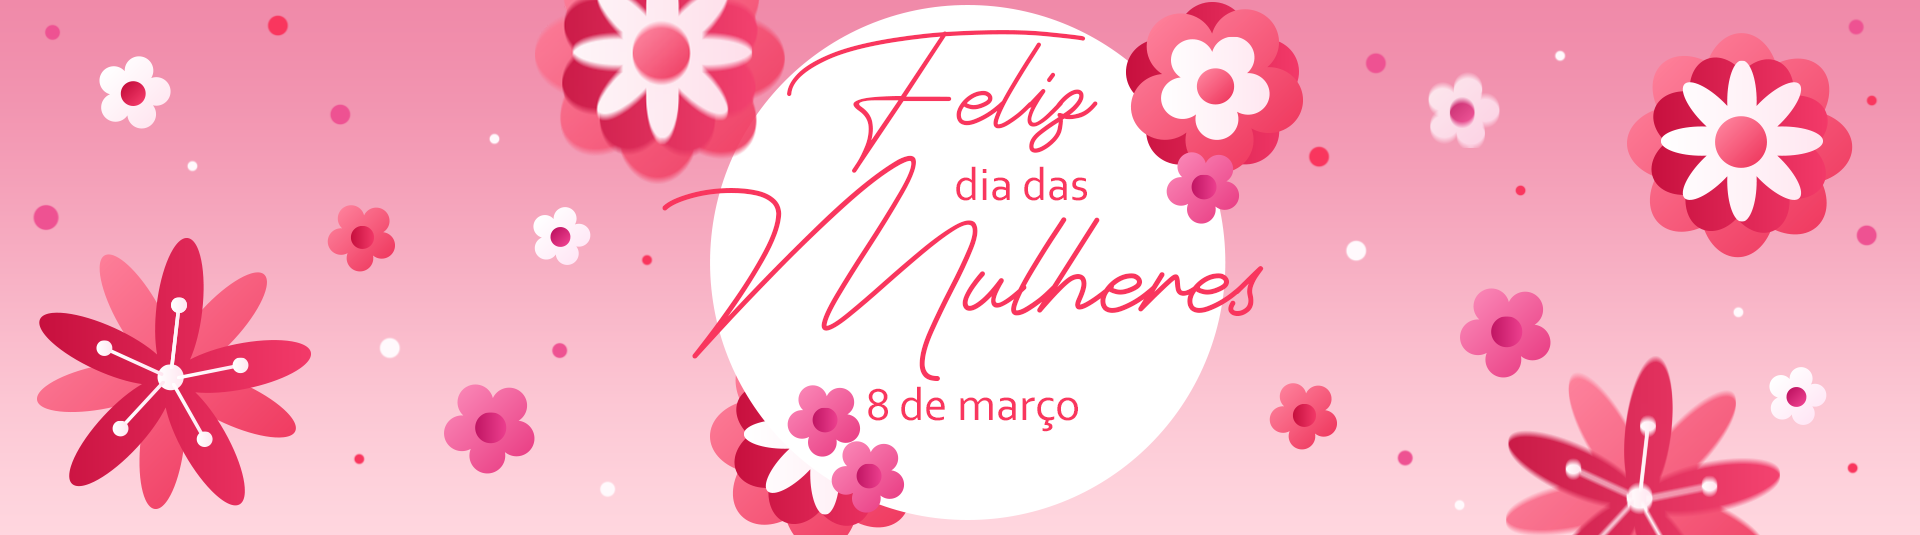 Dia das mulher